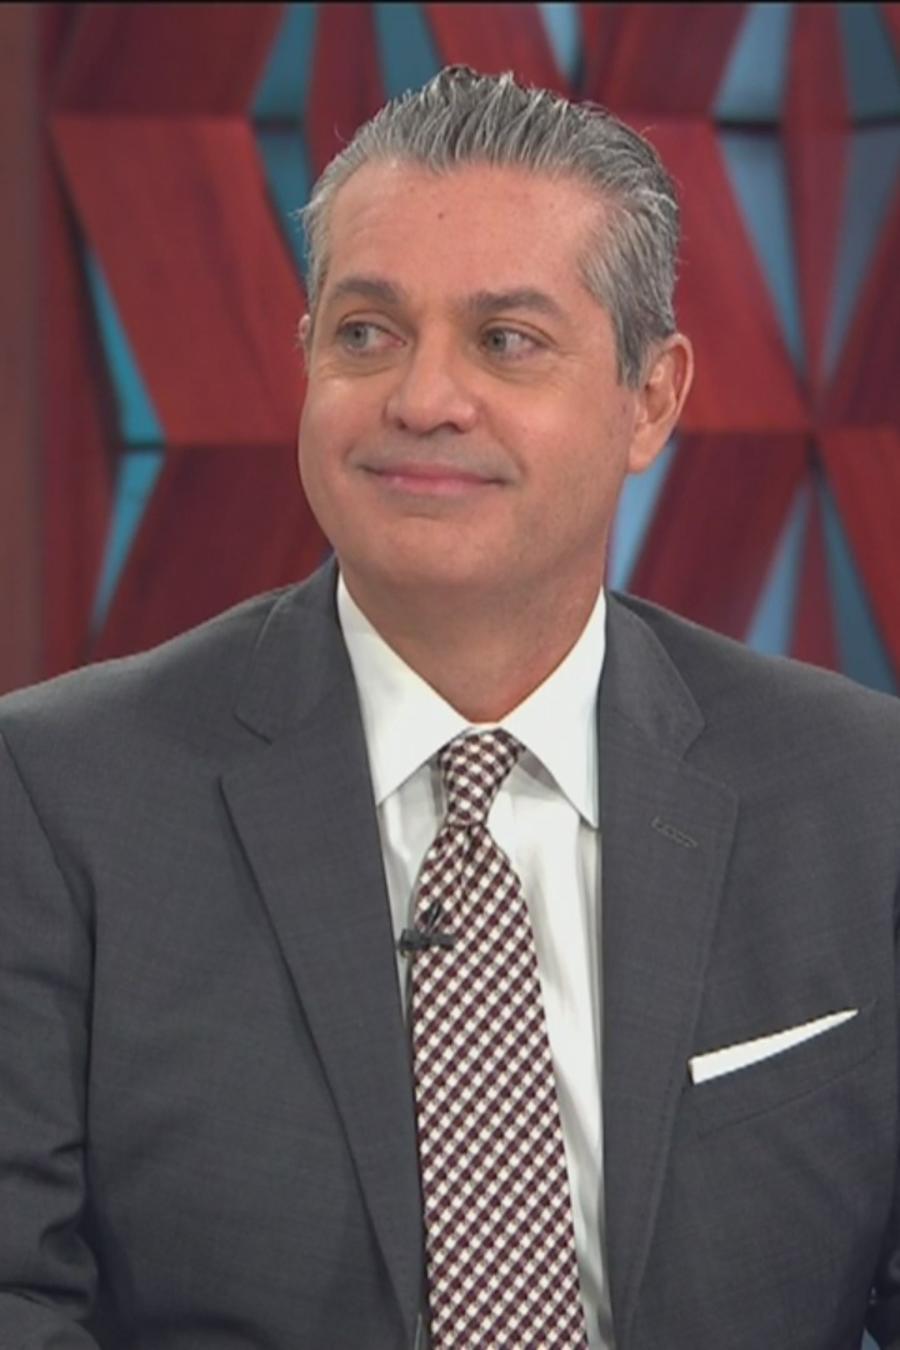 John P. Pratt